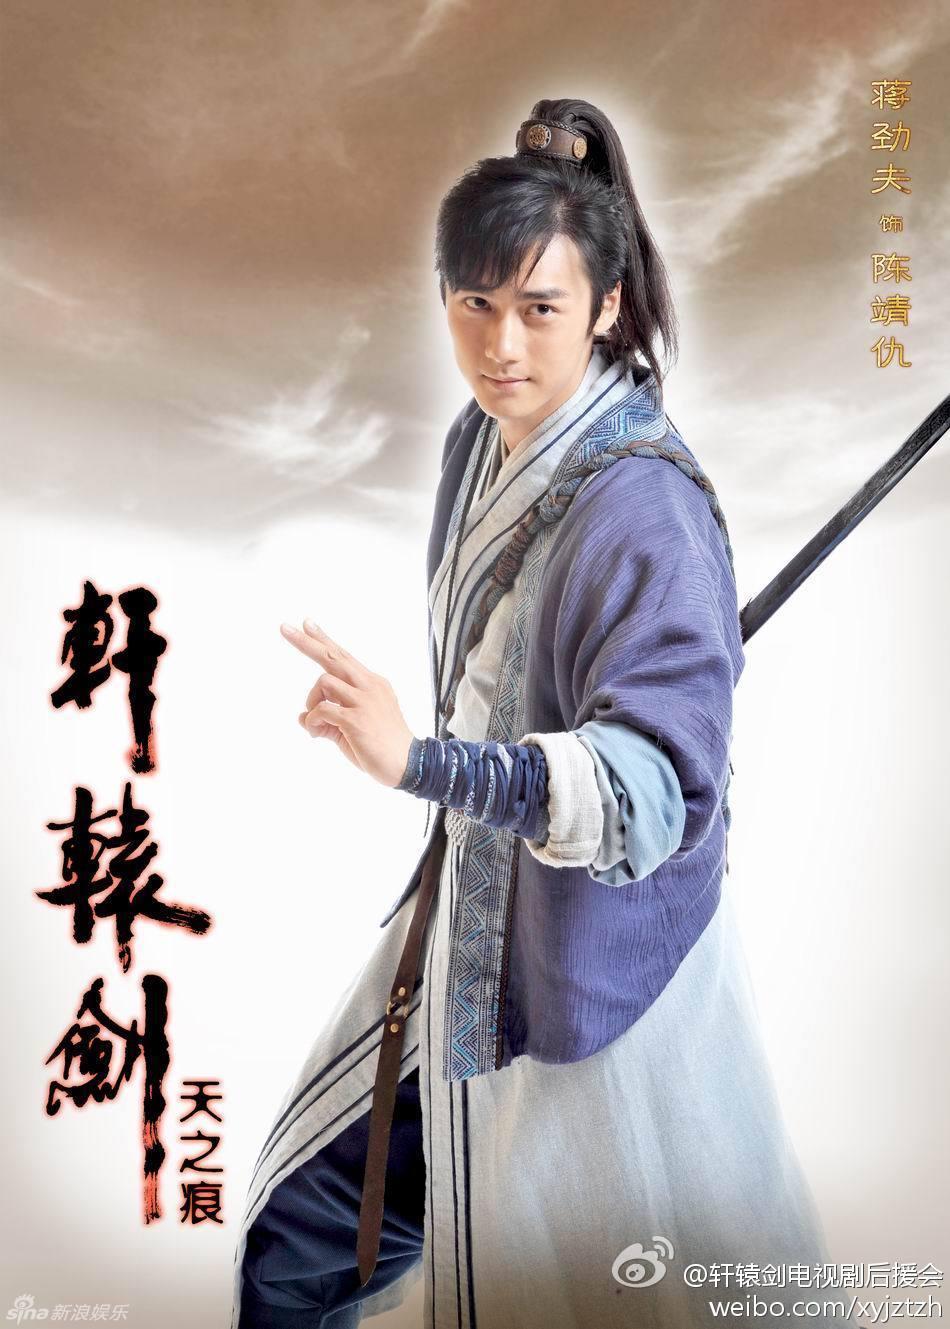 [Thông Tin Phim] Hiên Viên Kiếm - Thiên Chi Ngân - Hồ Ca[2012] 79d03badjw1djef0clz8rj